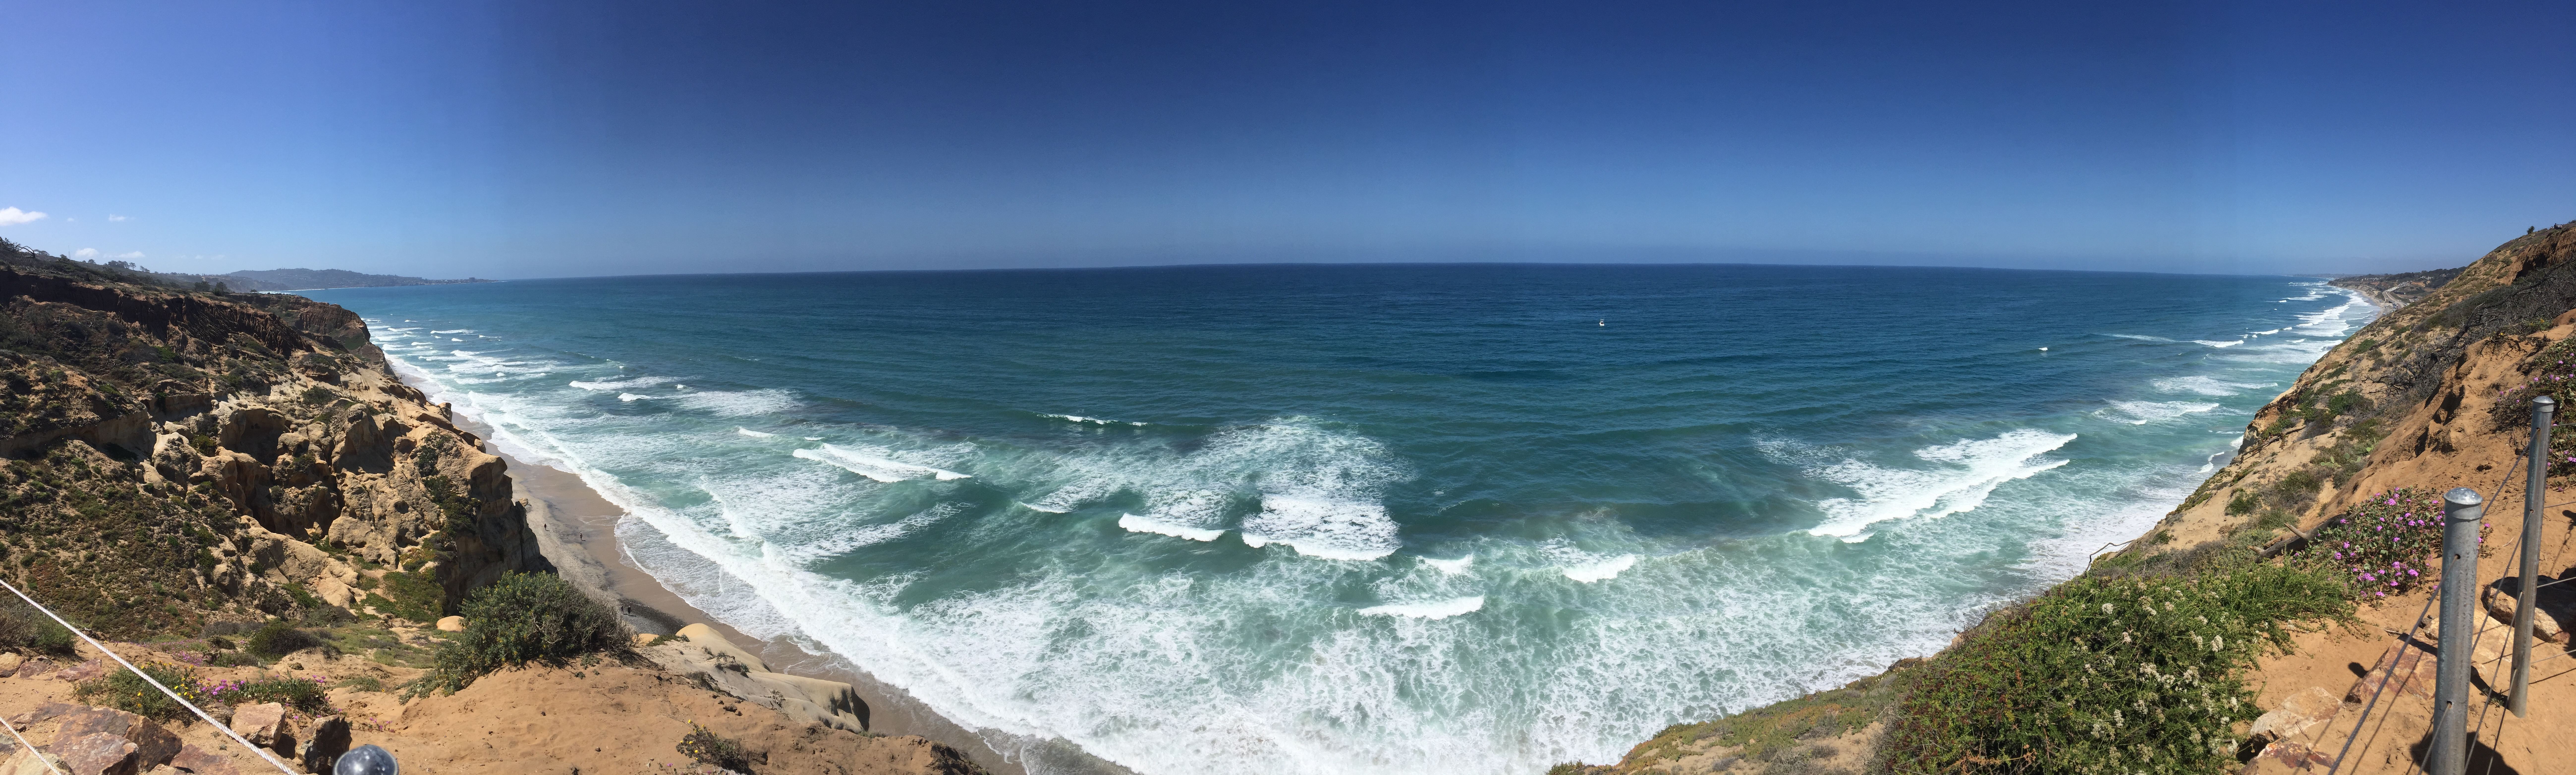 Panoramic ocean photo at Torrey PInes.